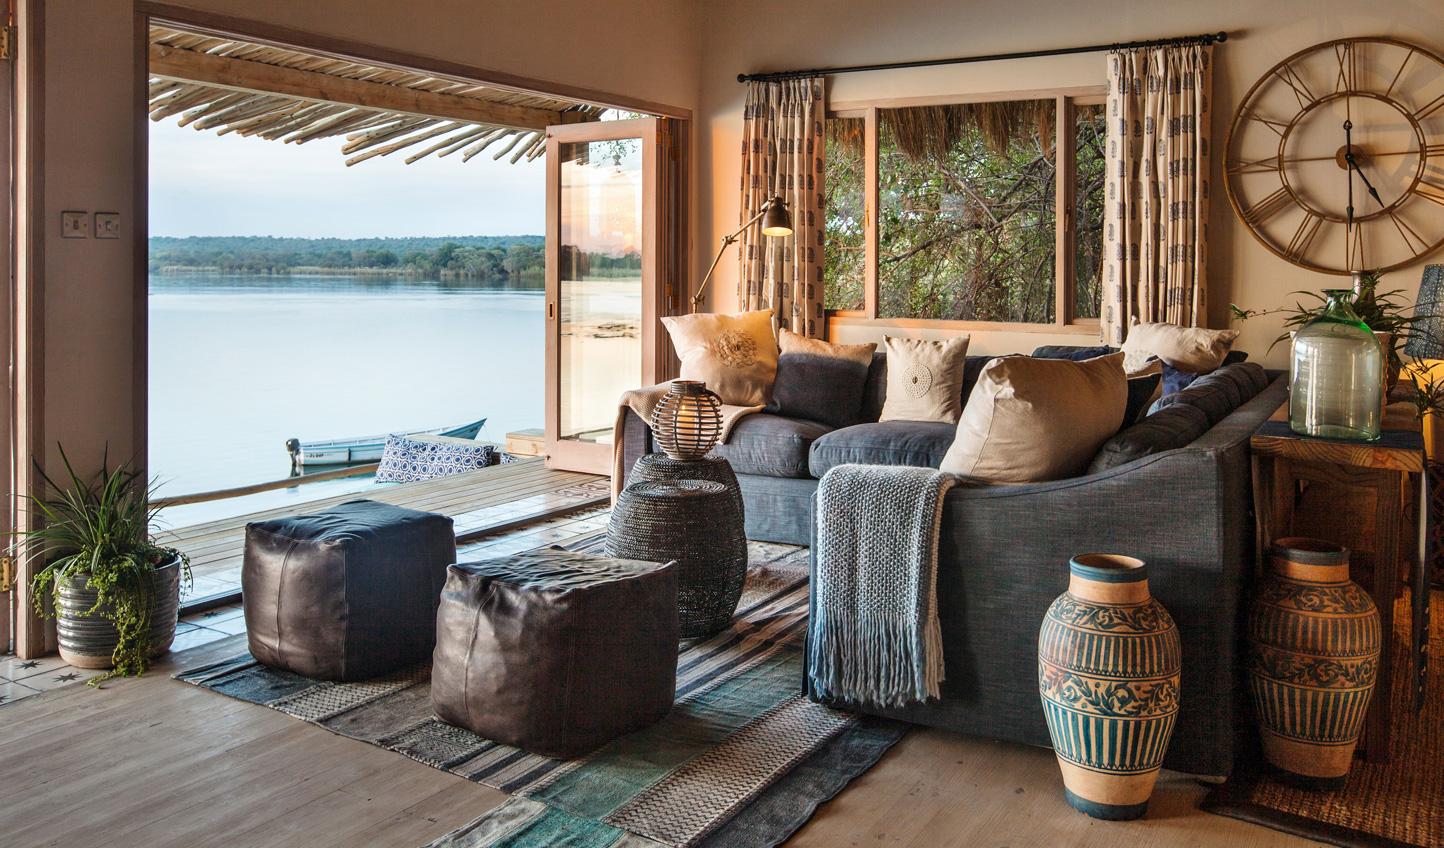 Hop across the border to the luxury of Tongabezi